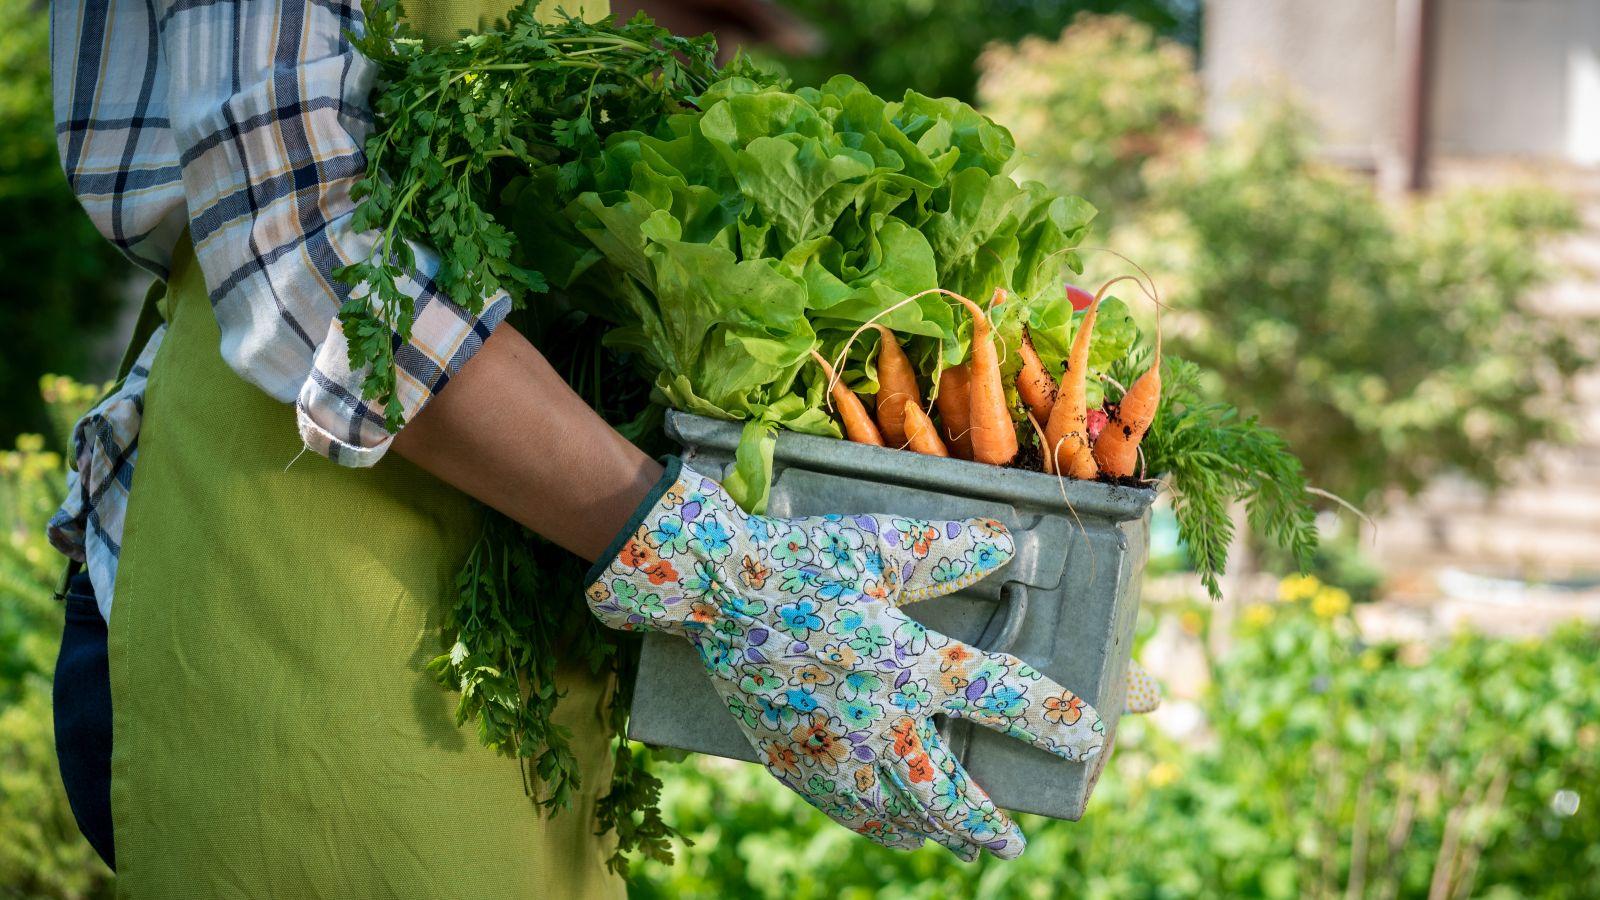 Ein Mann hält eine Gemüsekiste, aus der Karotten rausragen. Im Hintergrund ist ein verschwommener Garten zu sehen.